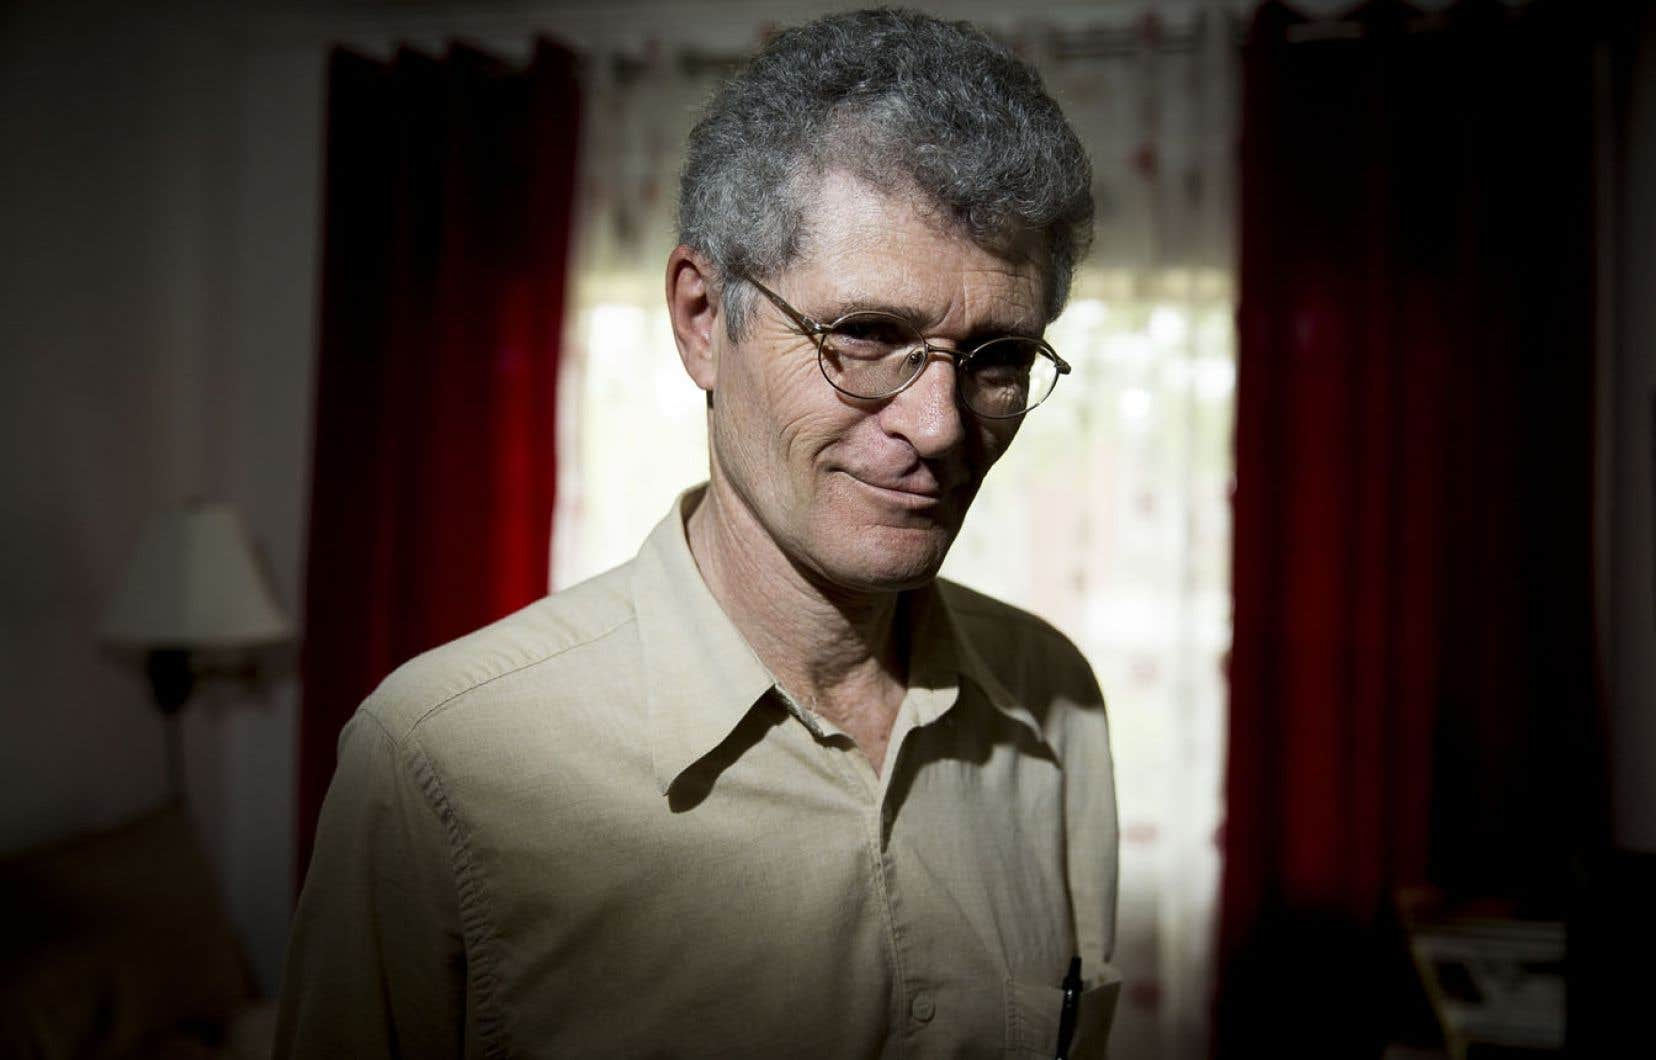 Alain Poissant a publié plusieurs livres dans les années 1980, et l'une de ses nouvelles a été couronnée par le prix littéraire de Radio-Canada.